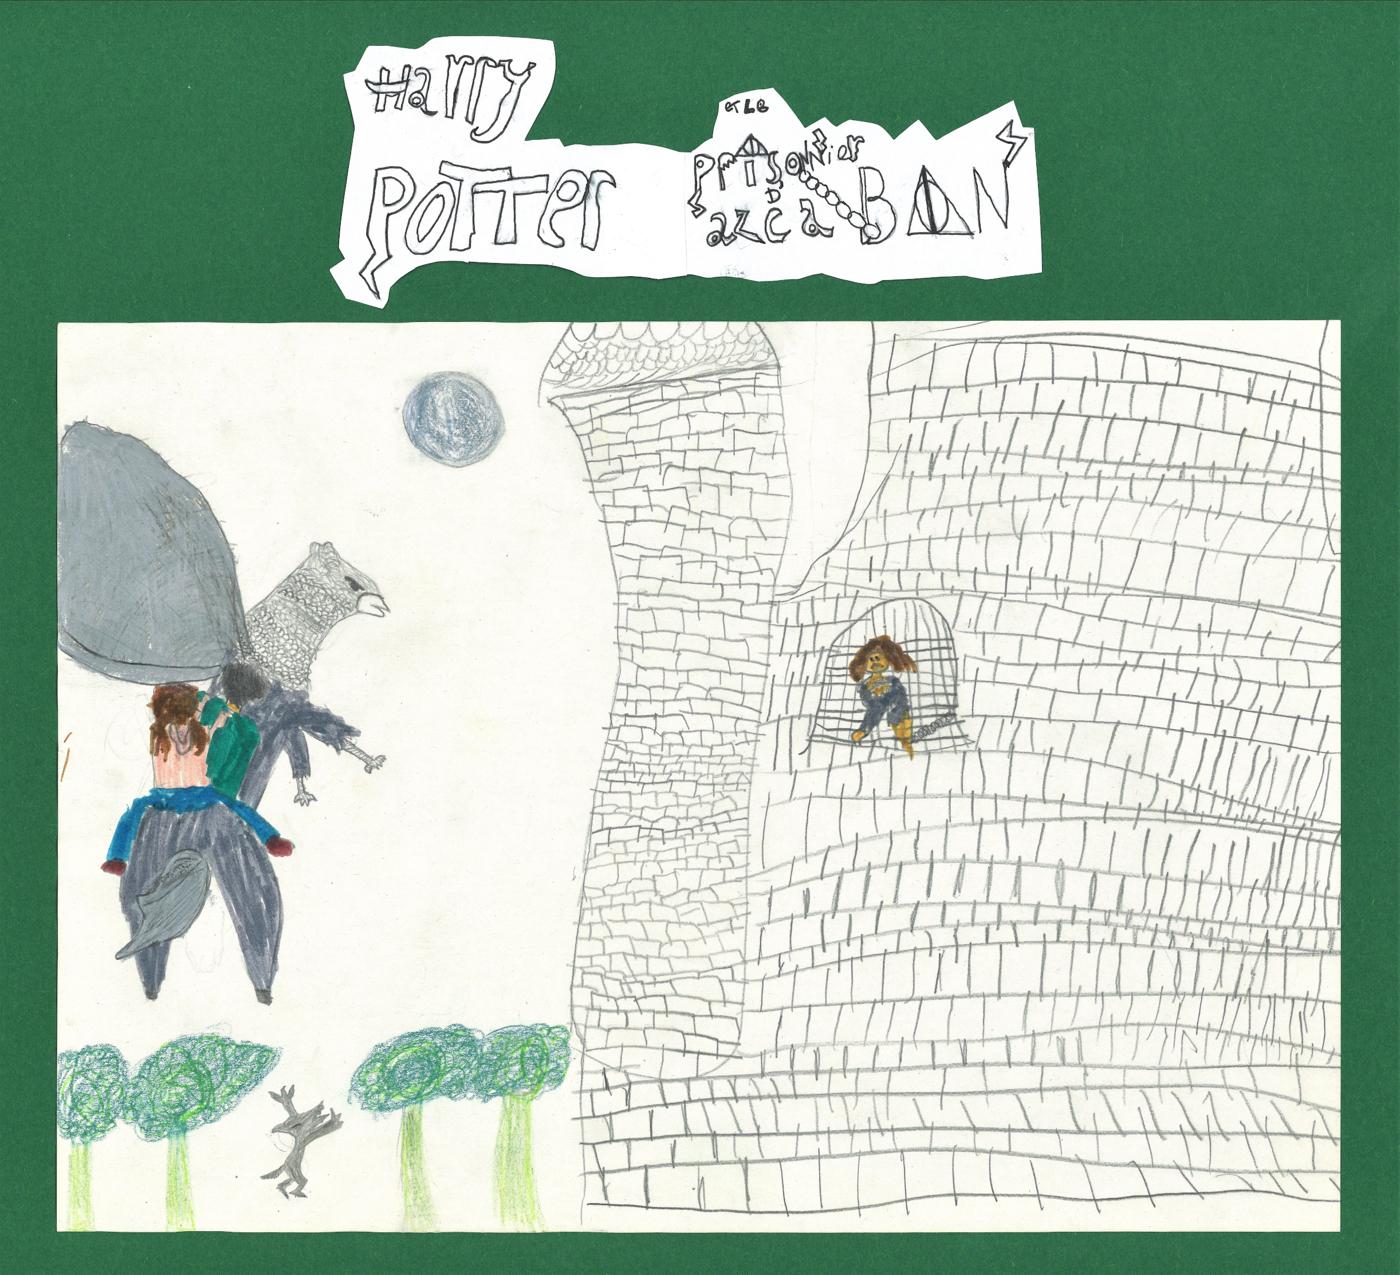 harry potter et le prisonnier d azkaban